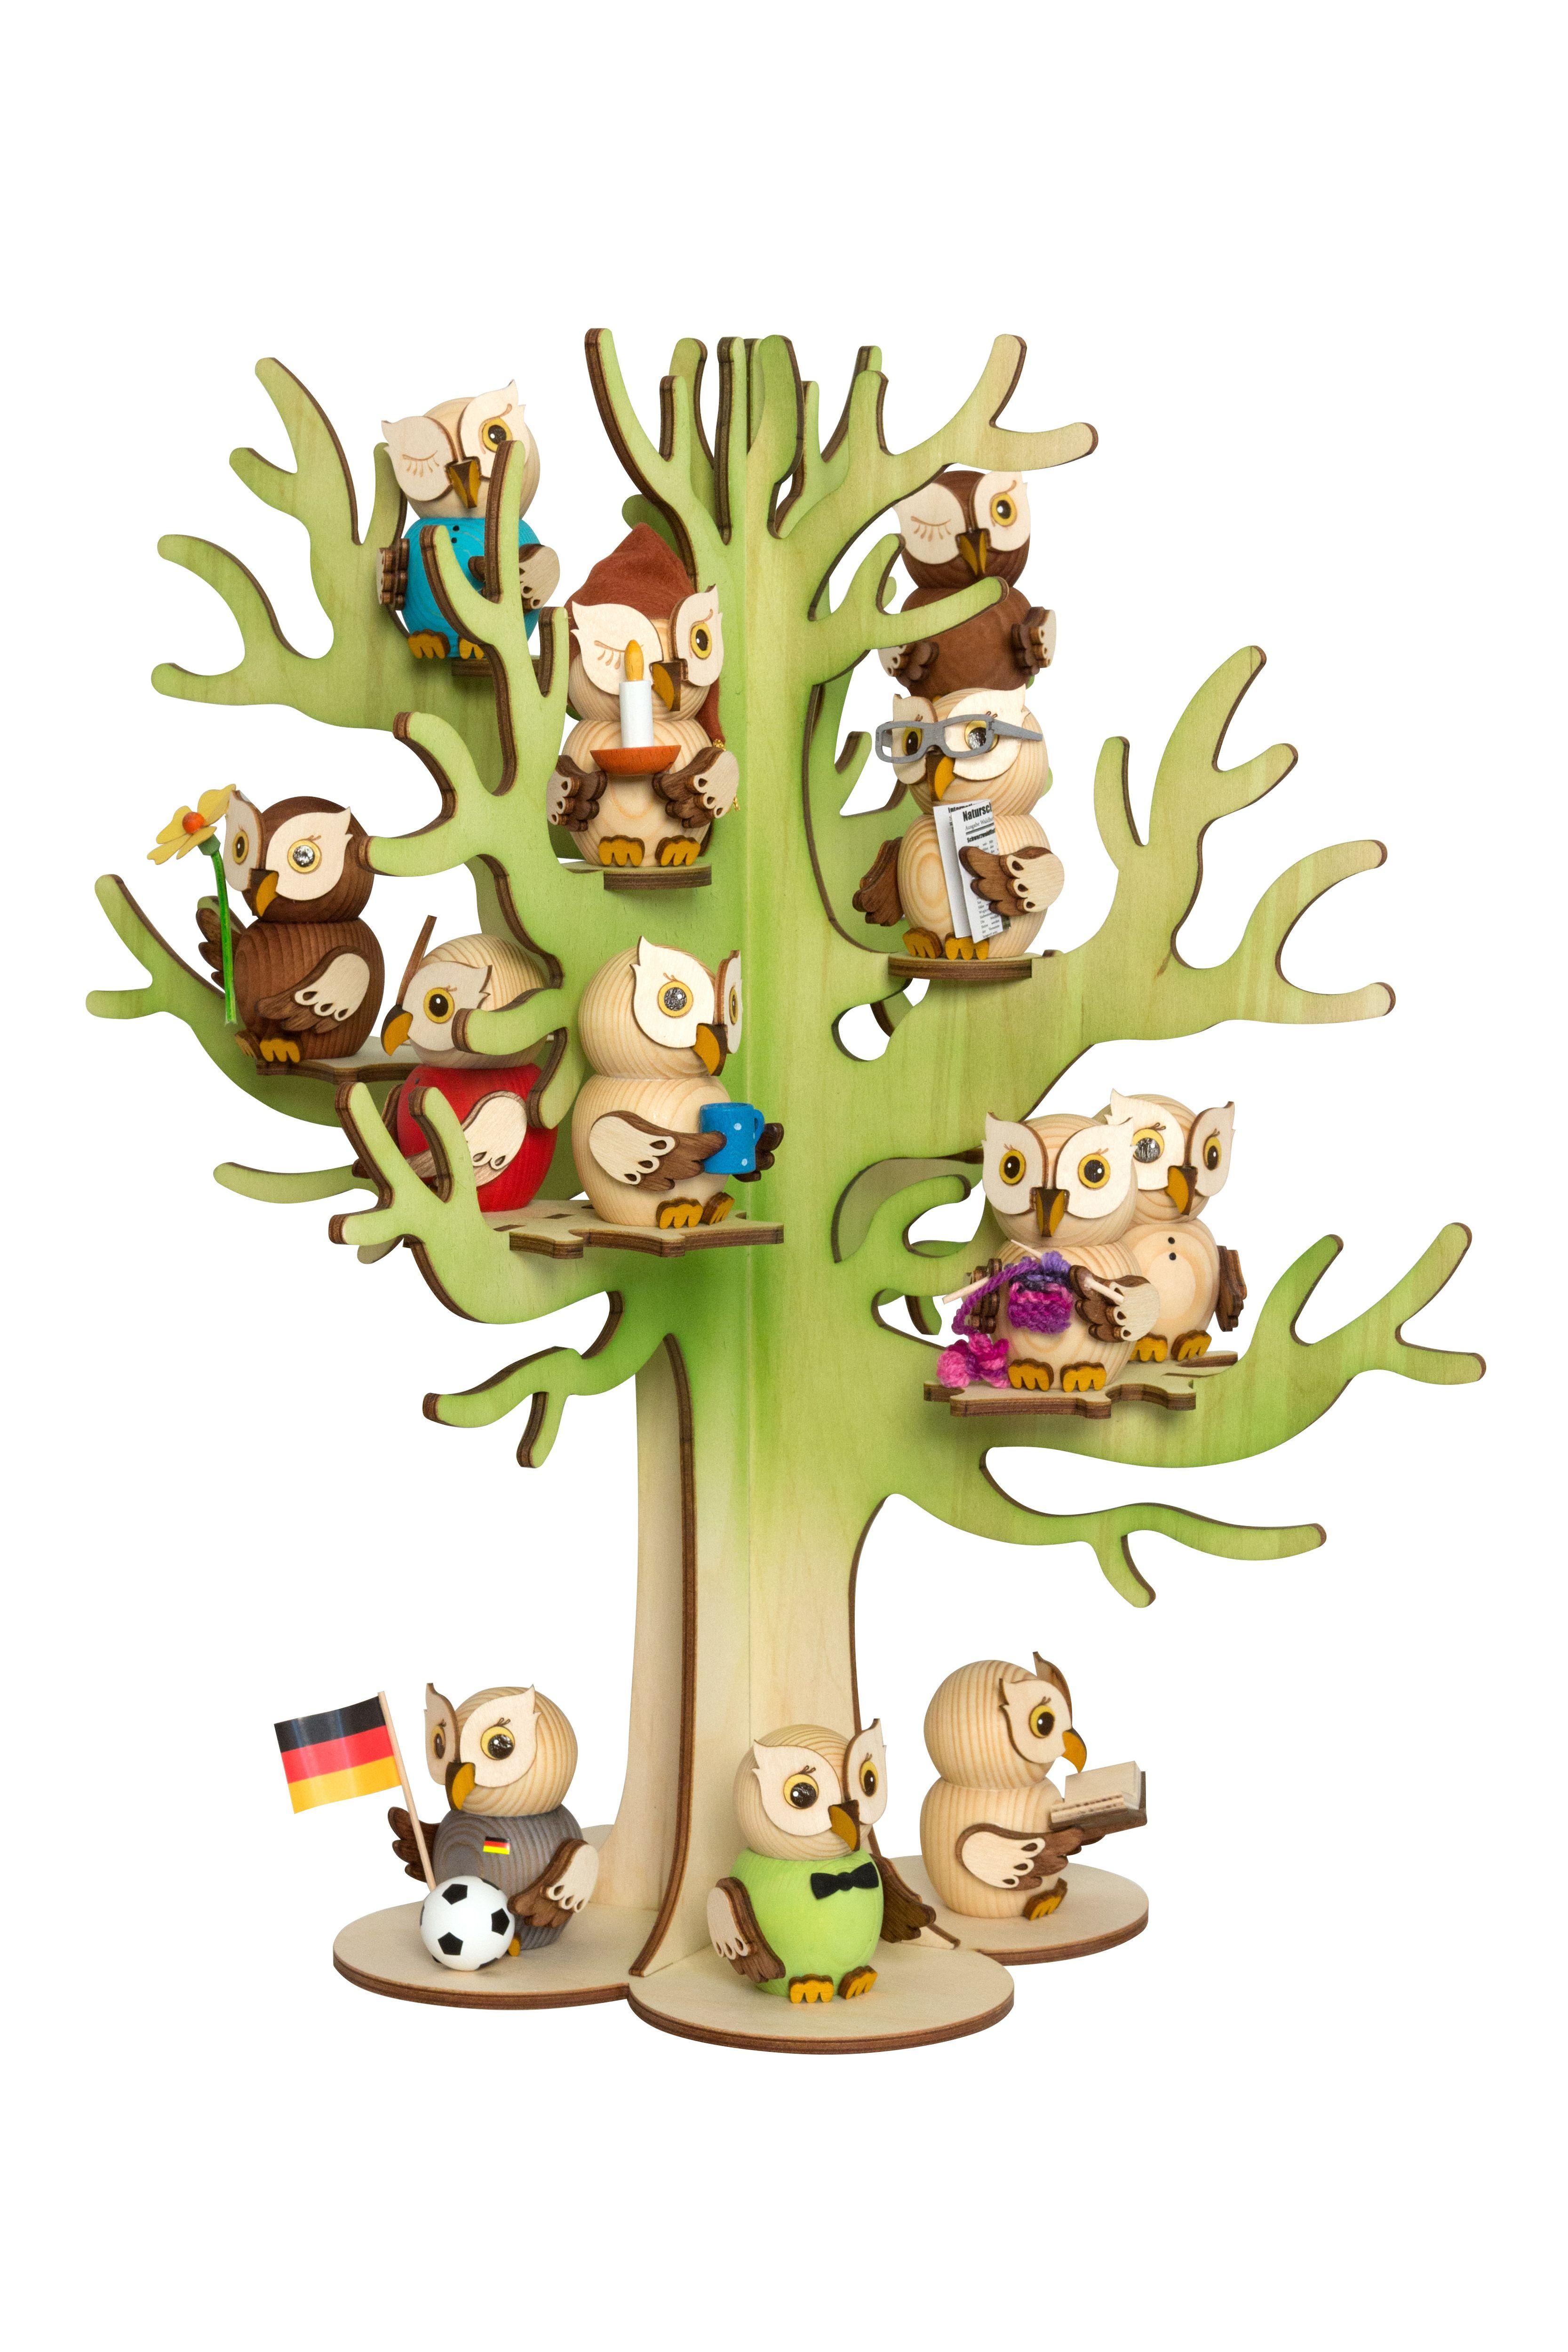 Drechslerei Kuhnert Holzfigur Mini Eulen Aus Holz Sammlerstücke